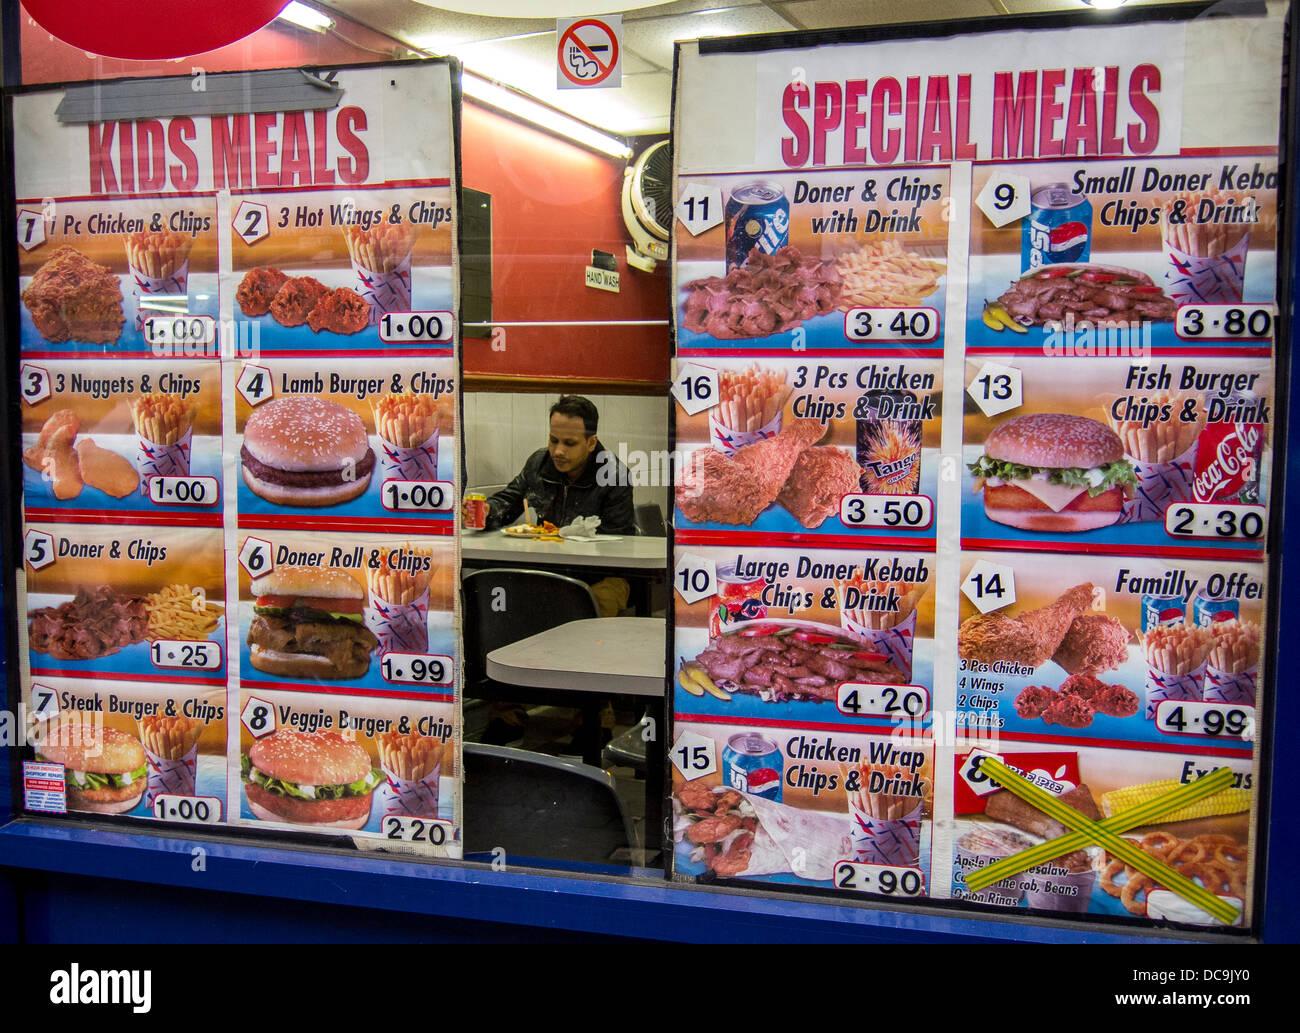 doner kebab chips stock photos doner kebab chips stock images alamy. Black Bedroom Furniture Sets. Home Design Ideas